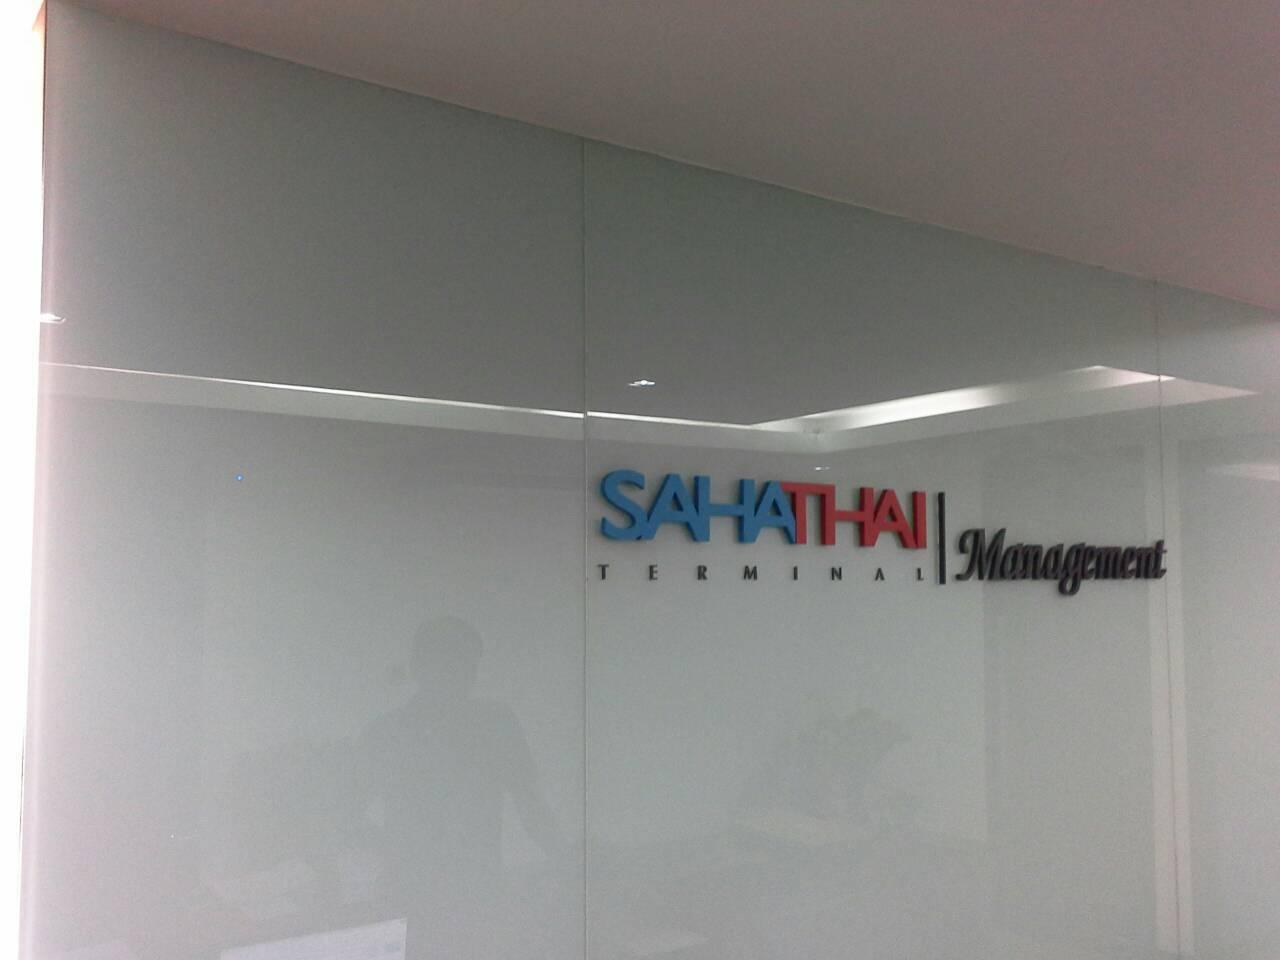 สหไทย เทอร์มินอล - บริษัท เดอะเบสท์ มัลติมีเดีย โปรเฟสชั่นแนล จำกัด